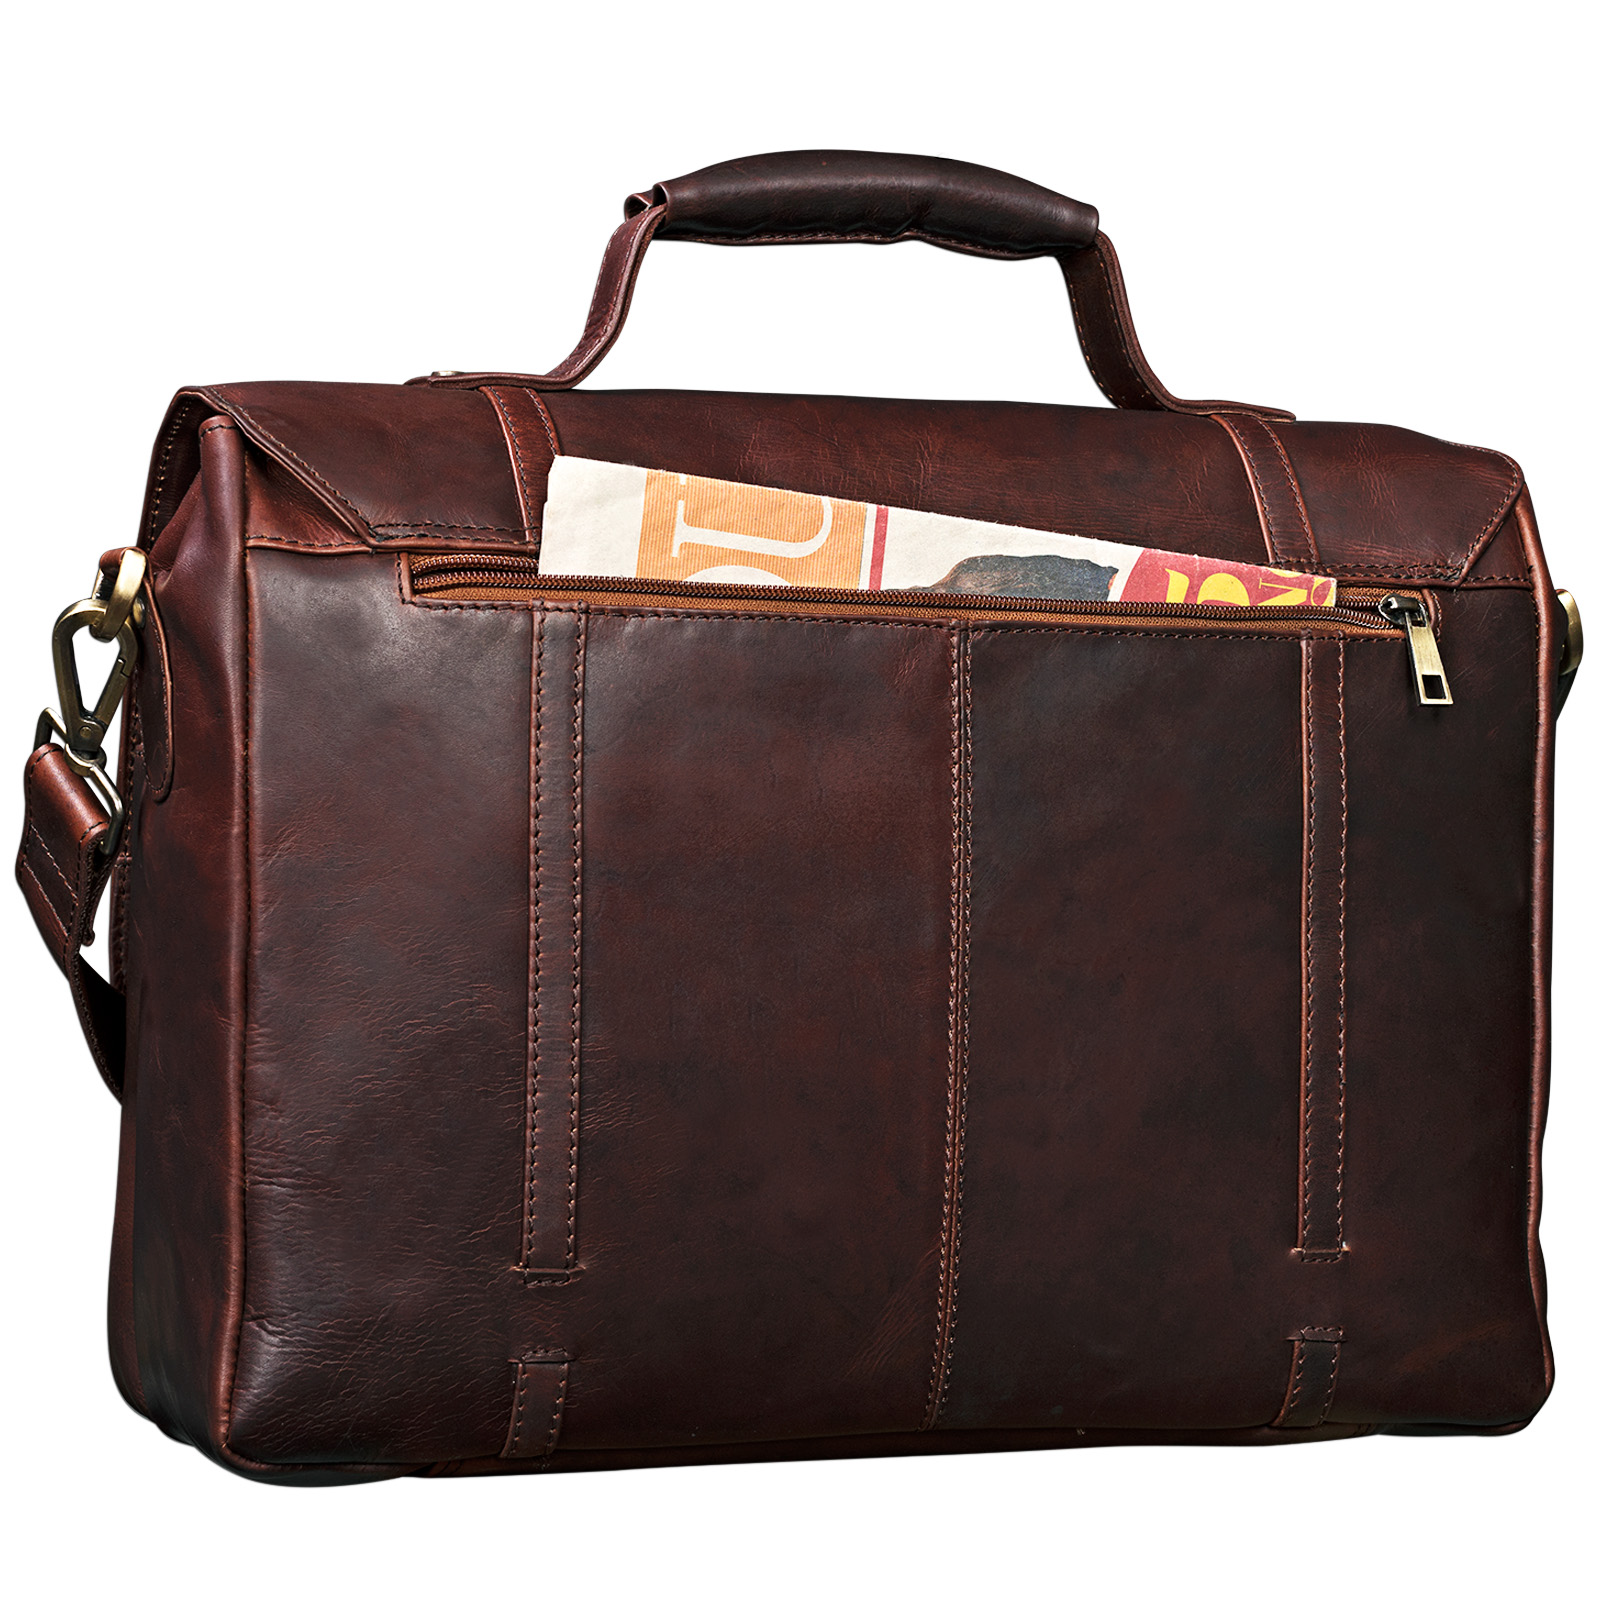 """STILORD """"Robin"""" Vintage Businesstasche Leder Aktentasche für Damen und Herren Schloss 15,6 Zoll Laptopfach elegante Umhängetasche aus echtem Leder  - Bild 8"""